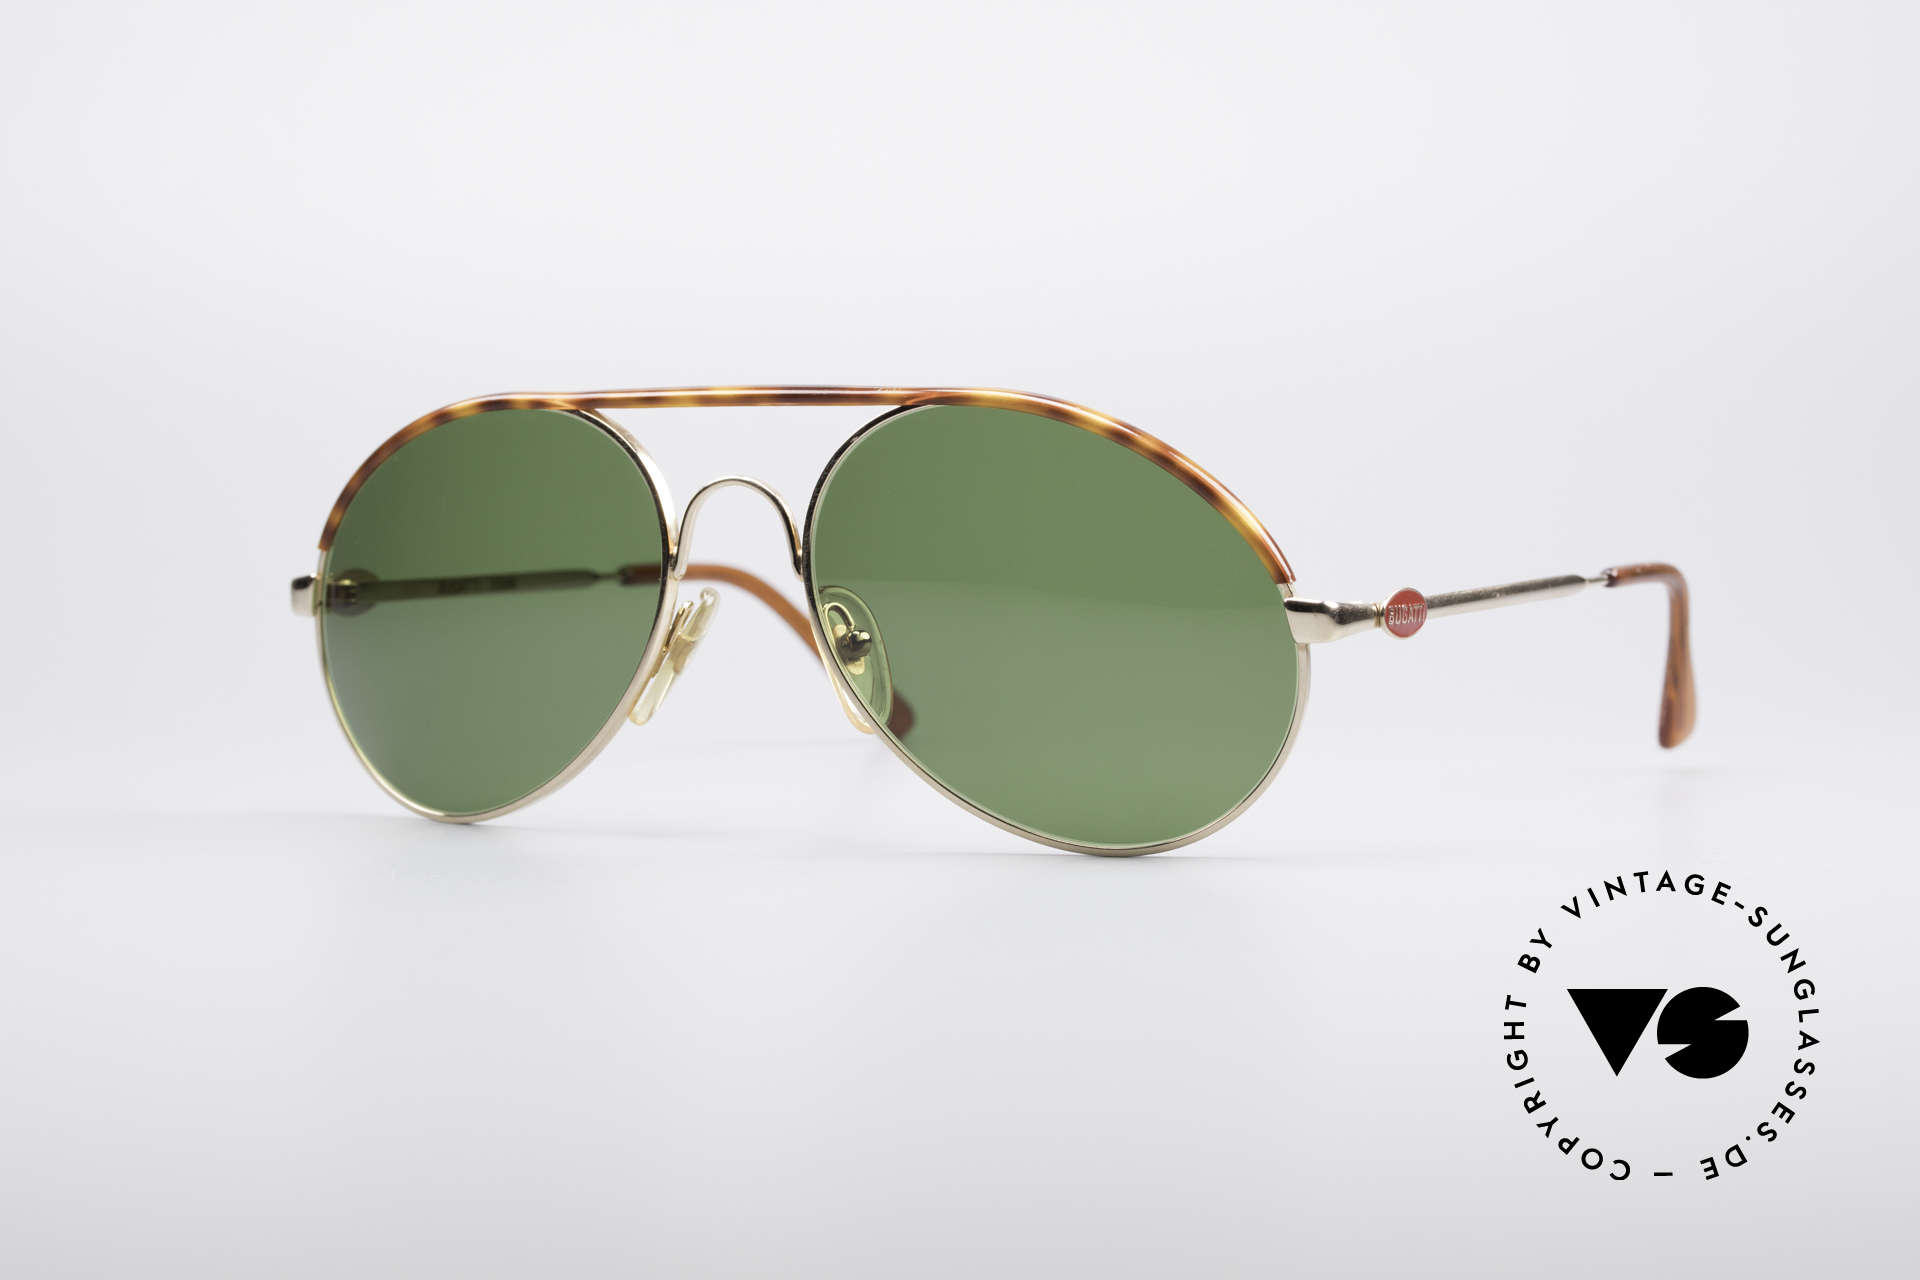 Bugatti 65986 80er Herren Sonnenbrille, klassische BUGATTI Sonnenbrille von ca. 1985, Passend für Herren